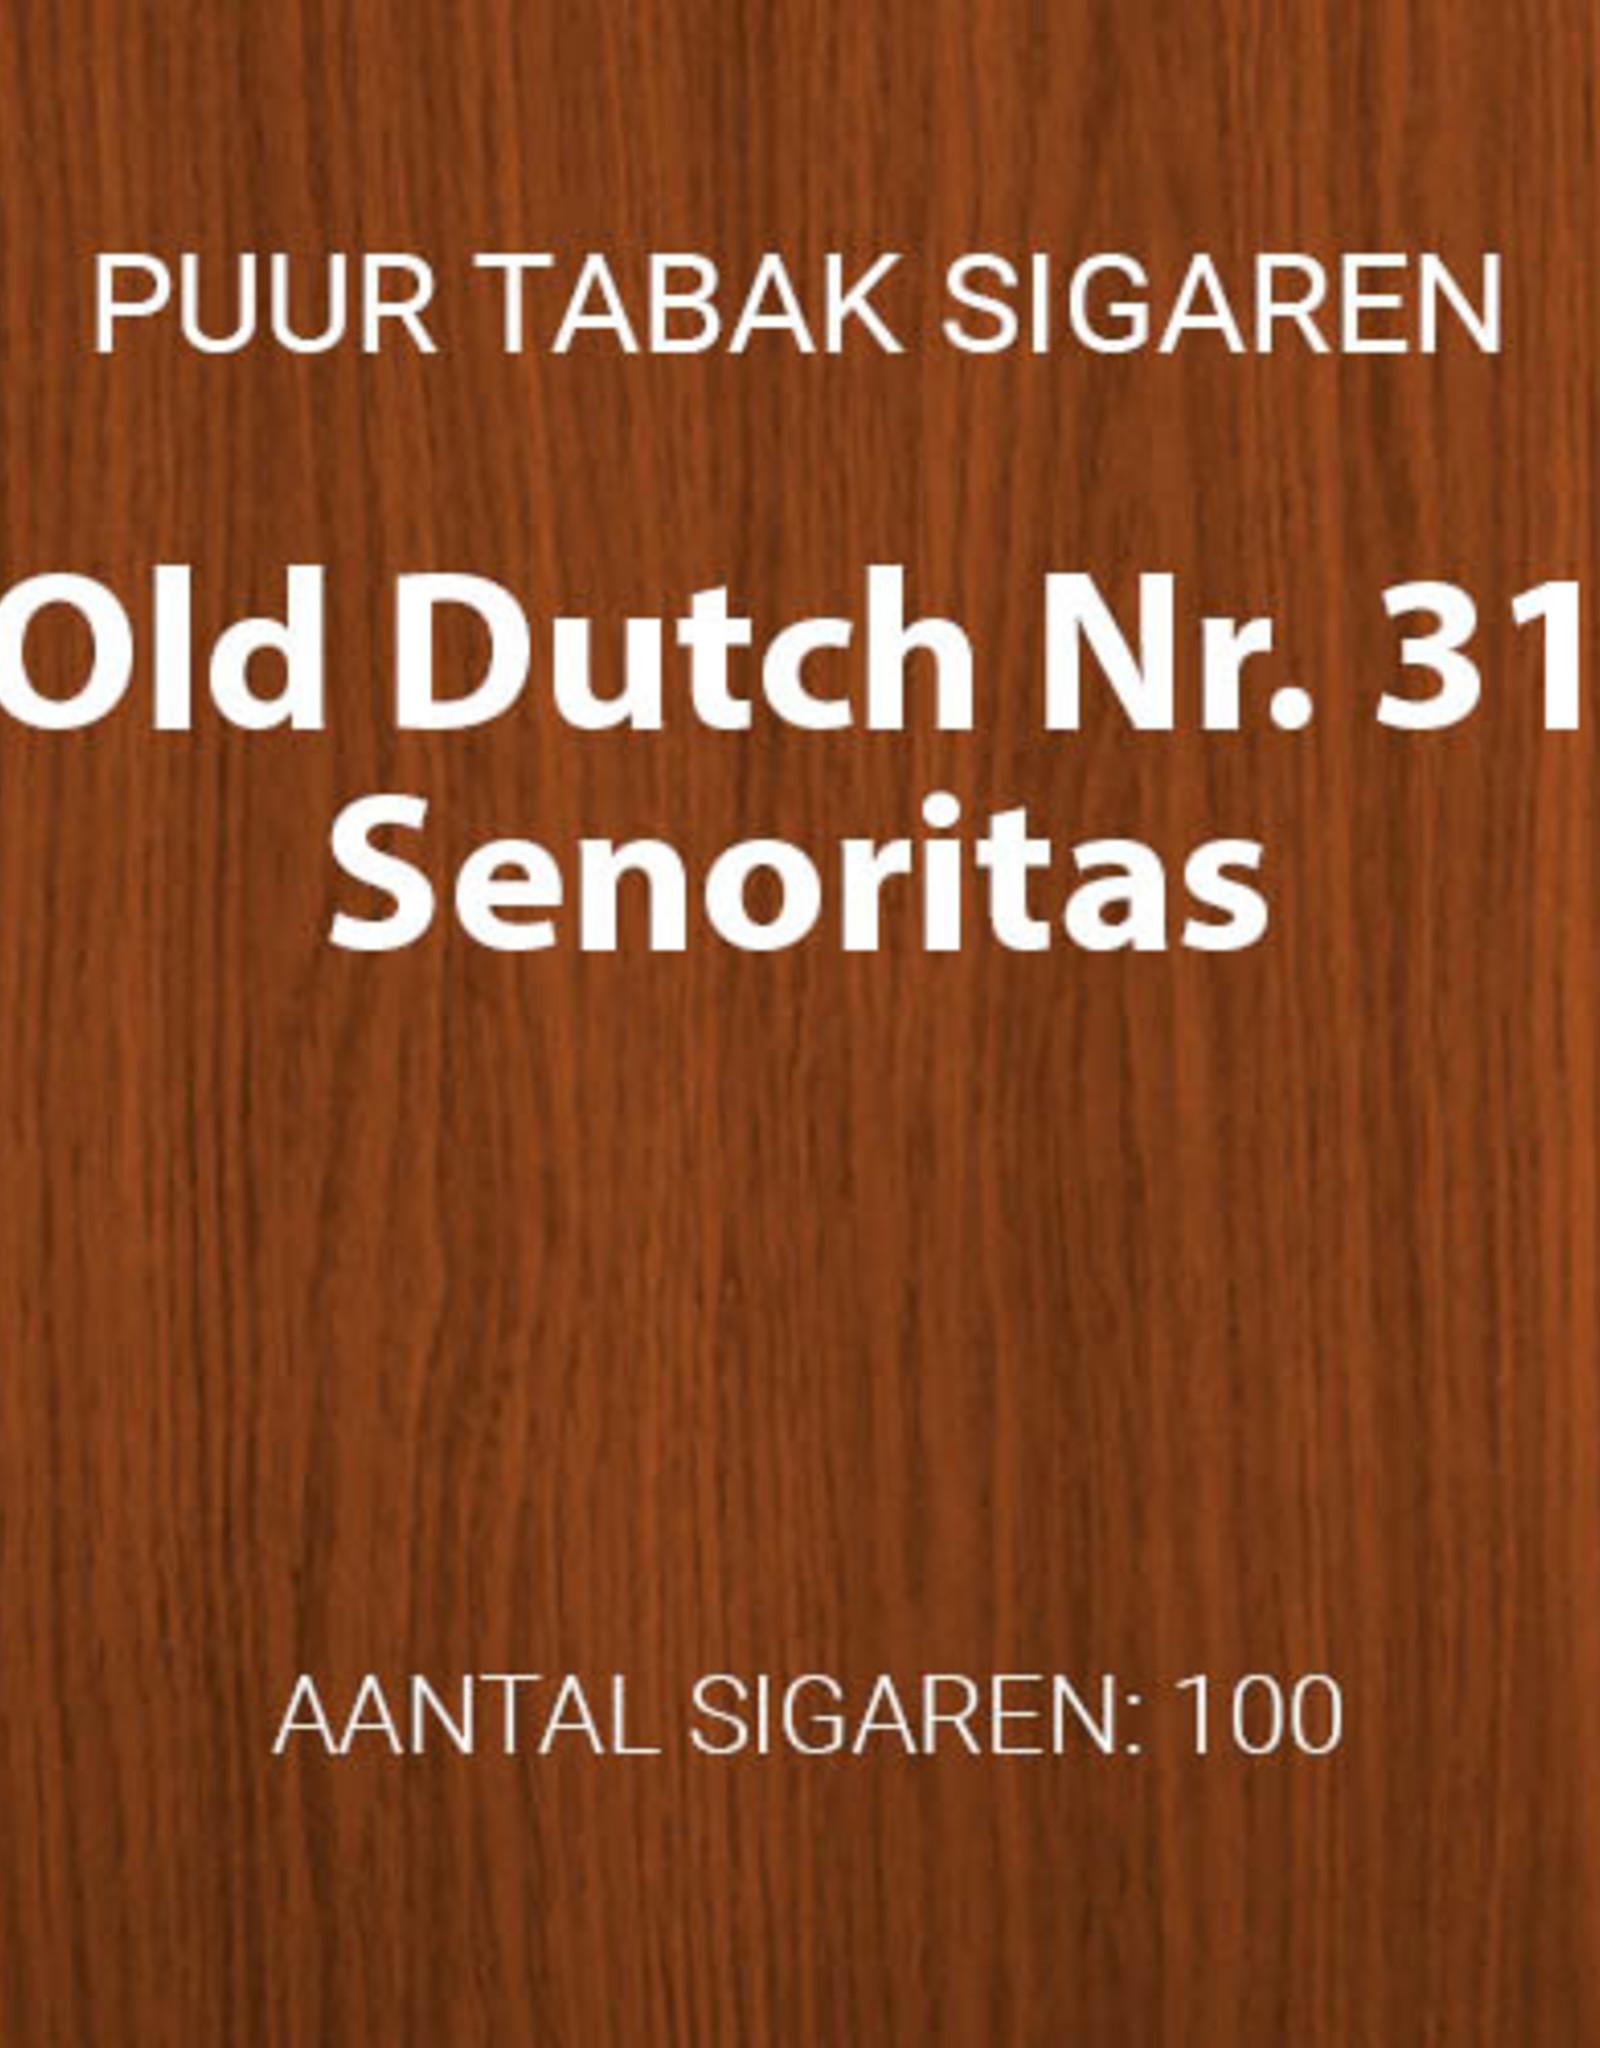 Old Dutch Nr. 31